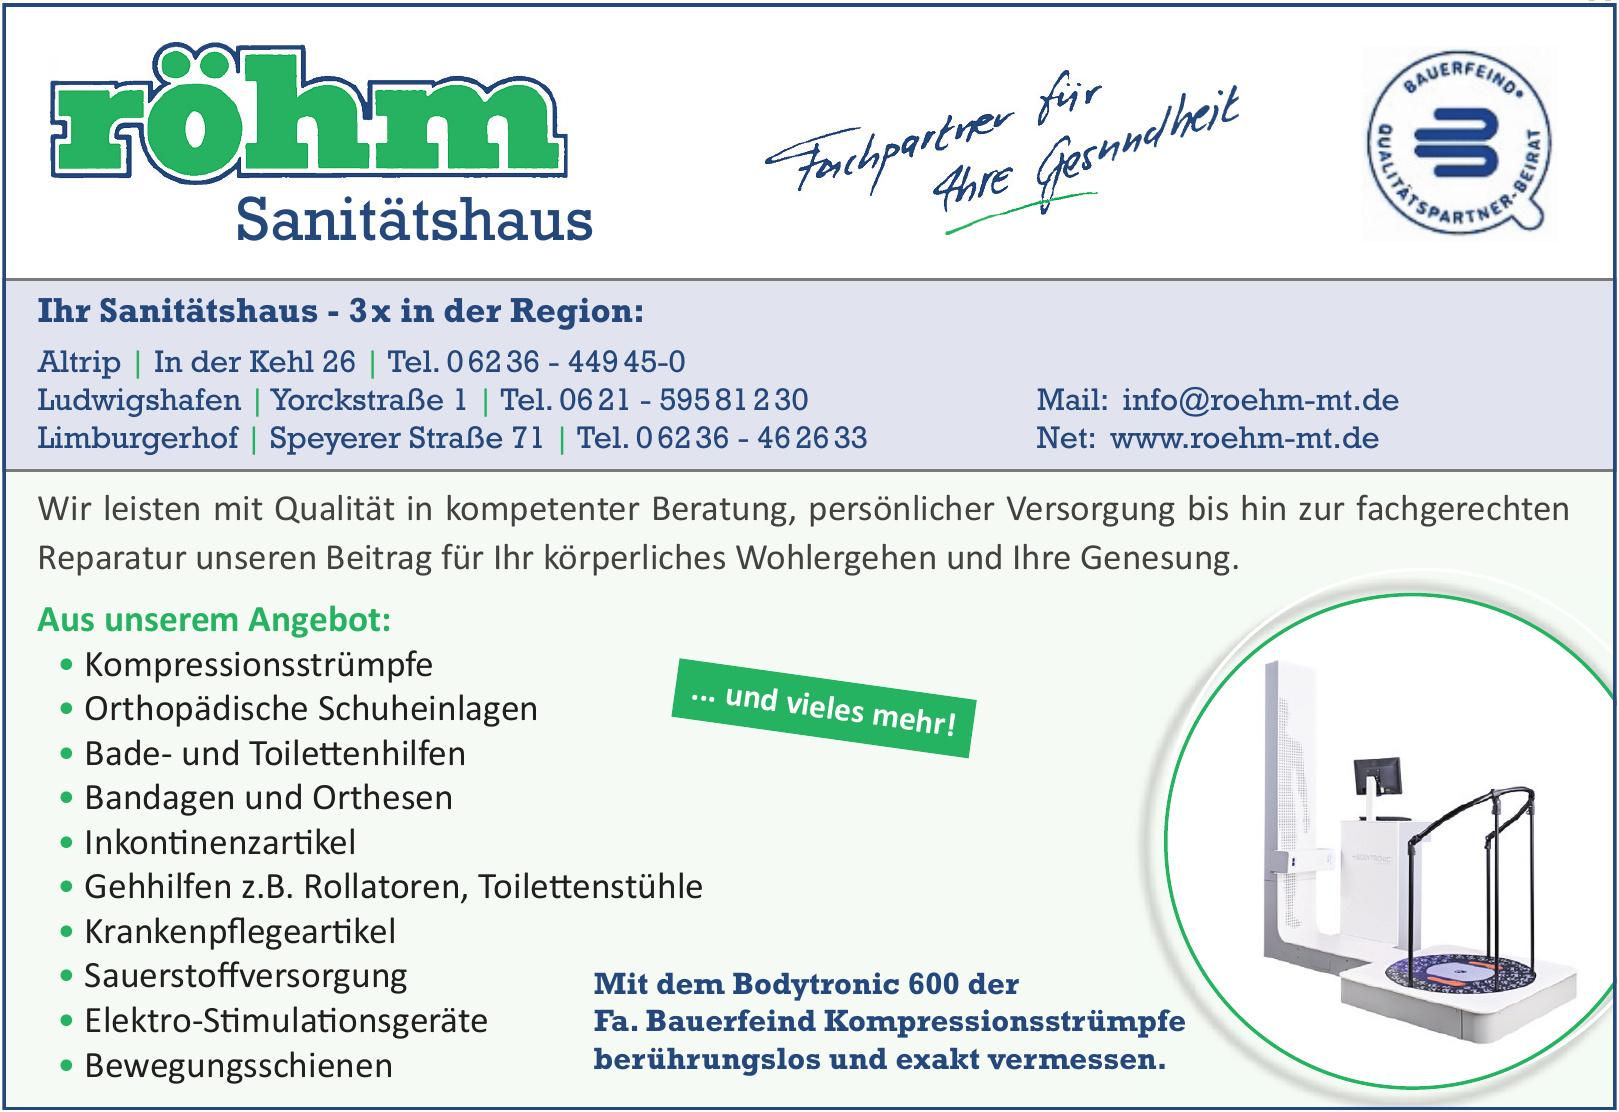 Sanitätshaus Röhm